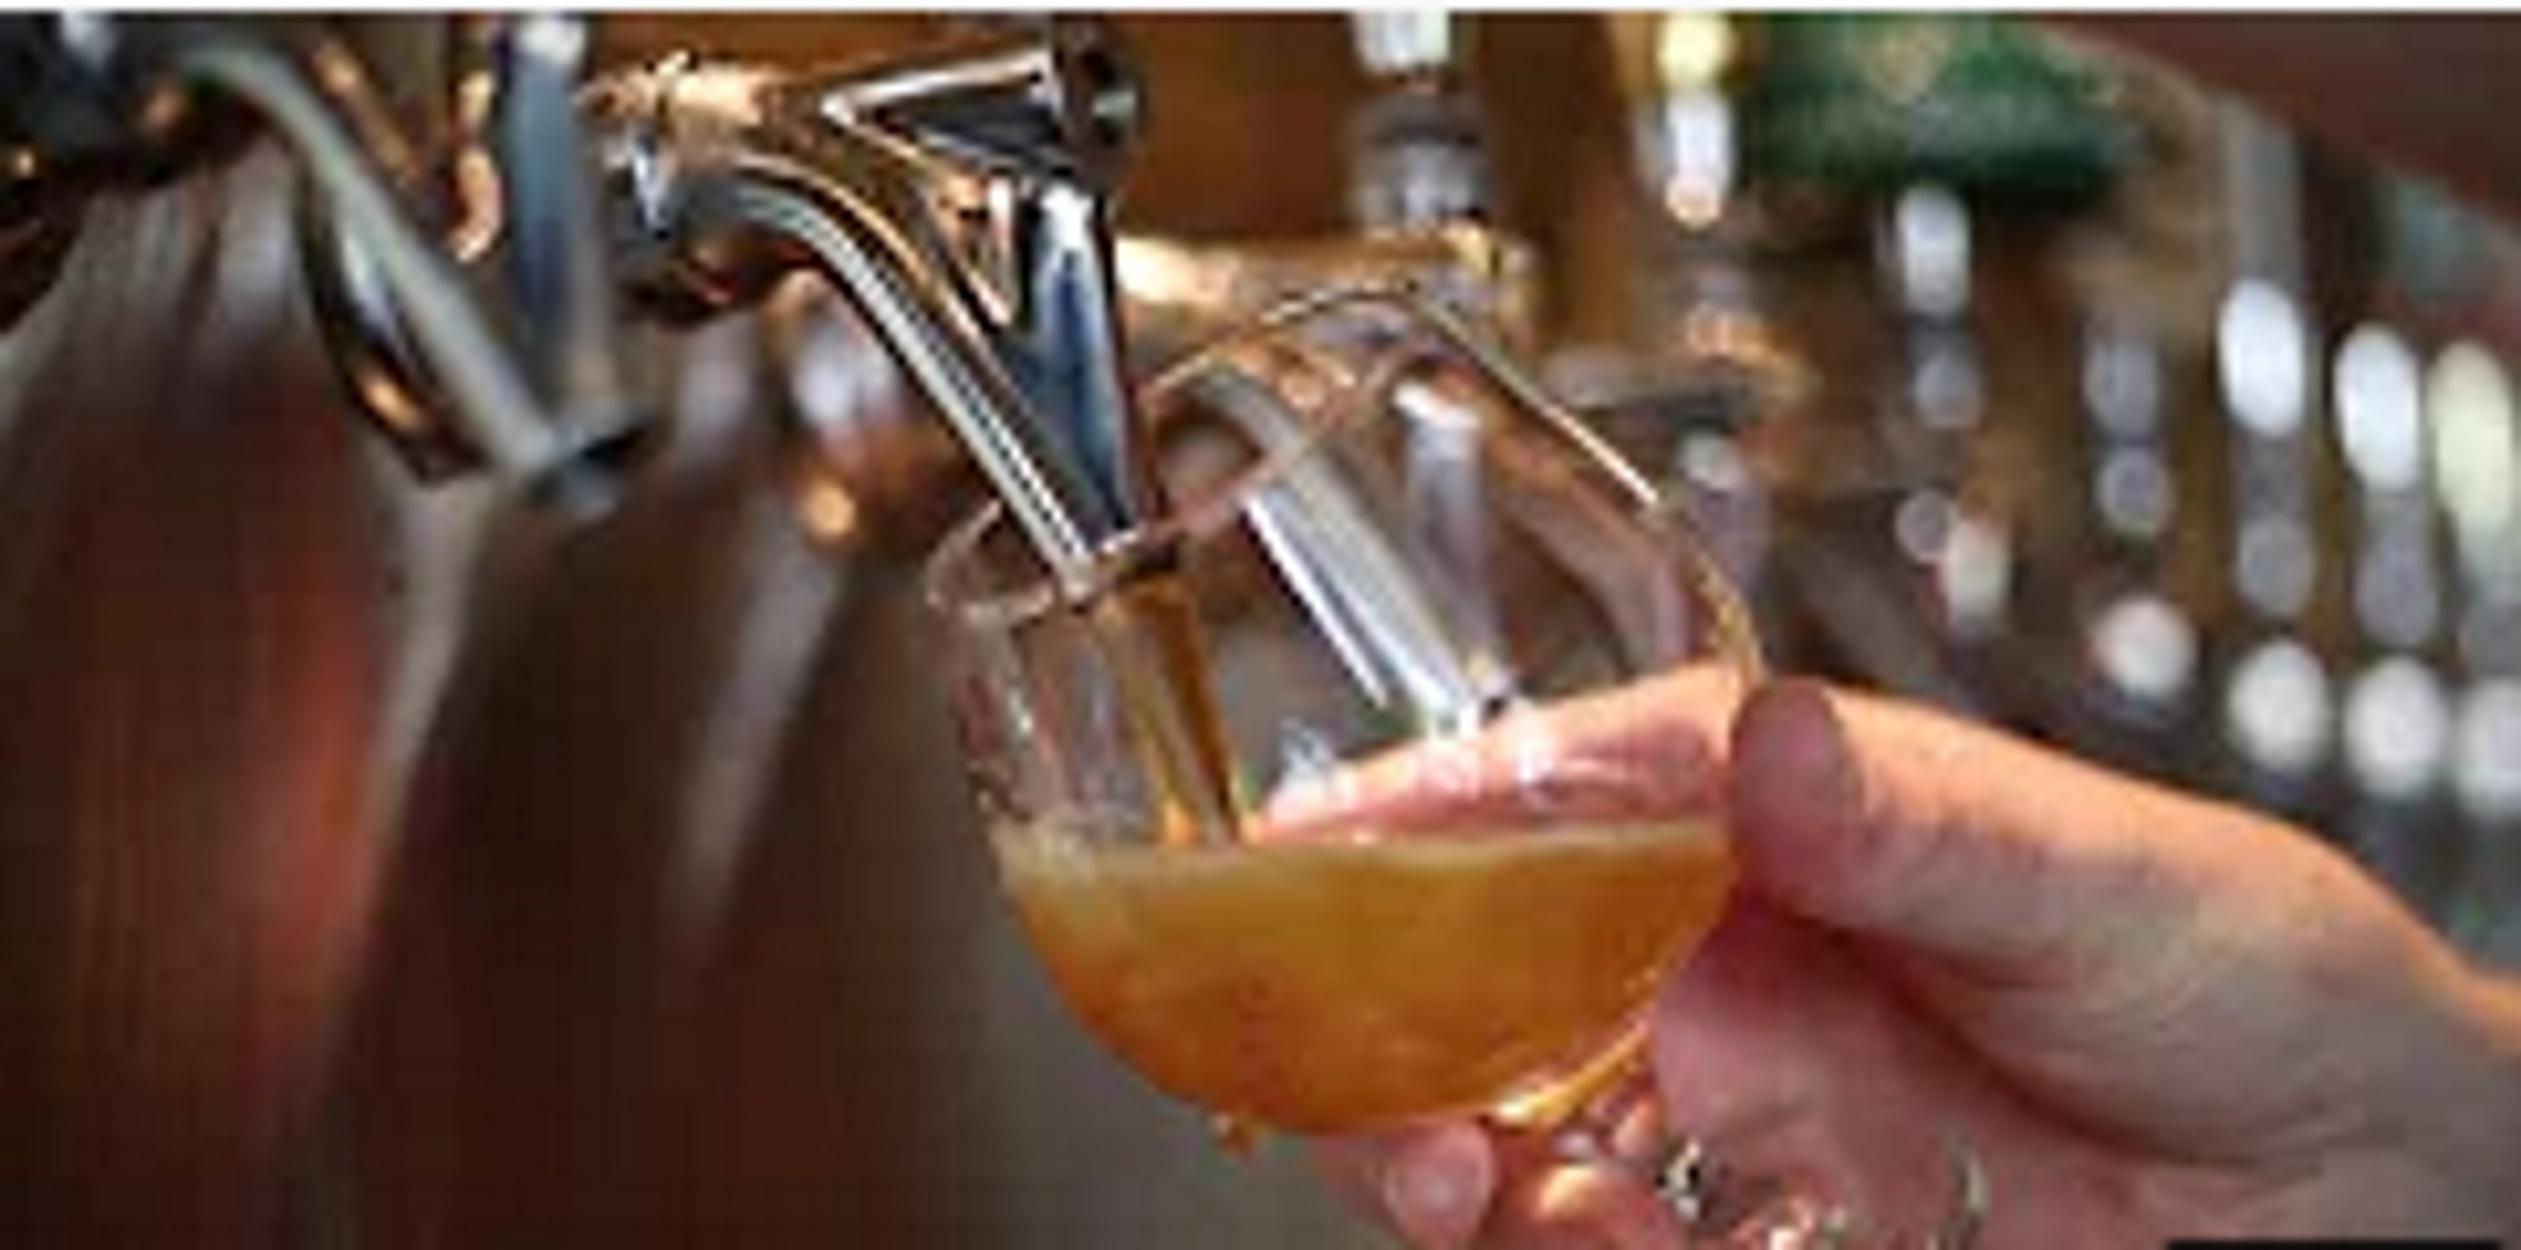 Αλκοόλ, τζόγος, διαδίκτυο, ουσίες και καραντίνα: Πότε ξεκινάει η εξάρτηση